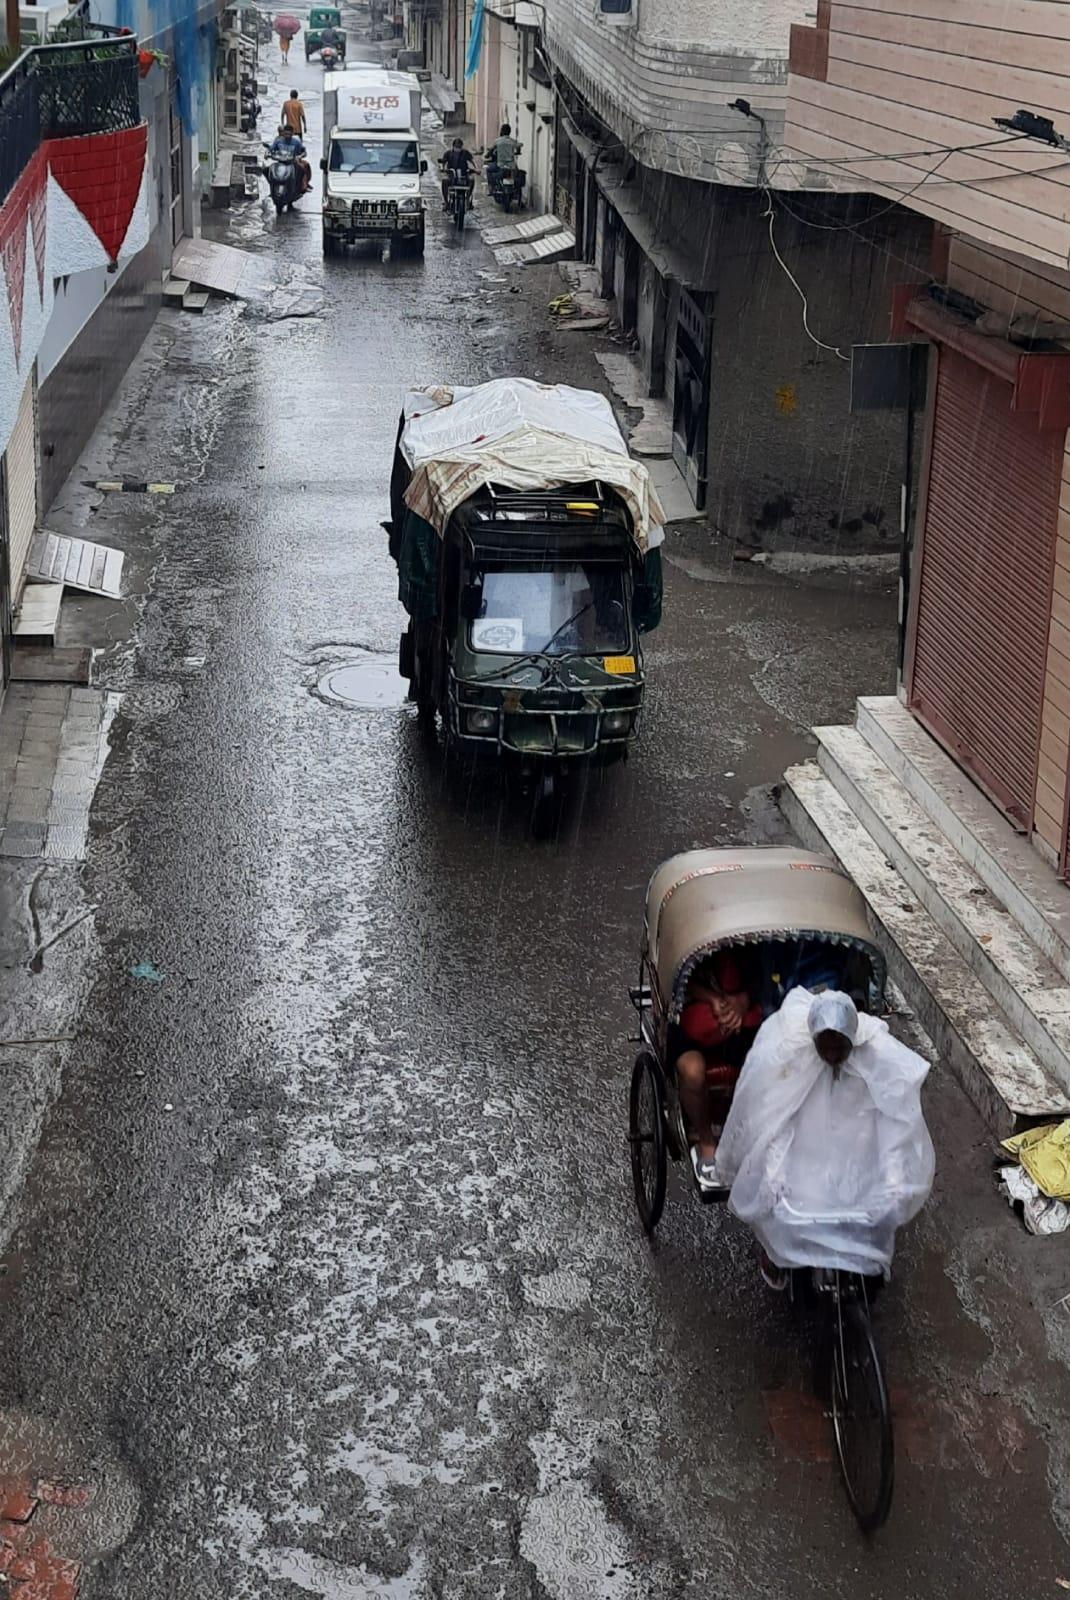 मंगलवार सुबह पड़ी बारिश की बूंदों से सुहावना हुआ वातावरण, कहीं हल्की बूंदाबांदी तो कही झमाझम बरसे बदरा|पंजाब,Punjab - Dainik Bhaskar